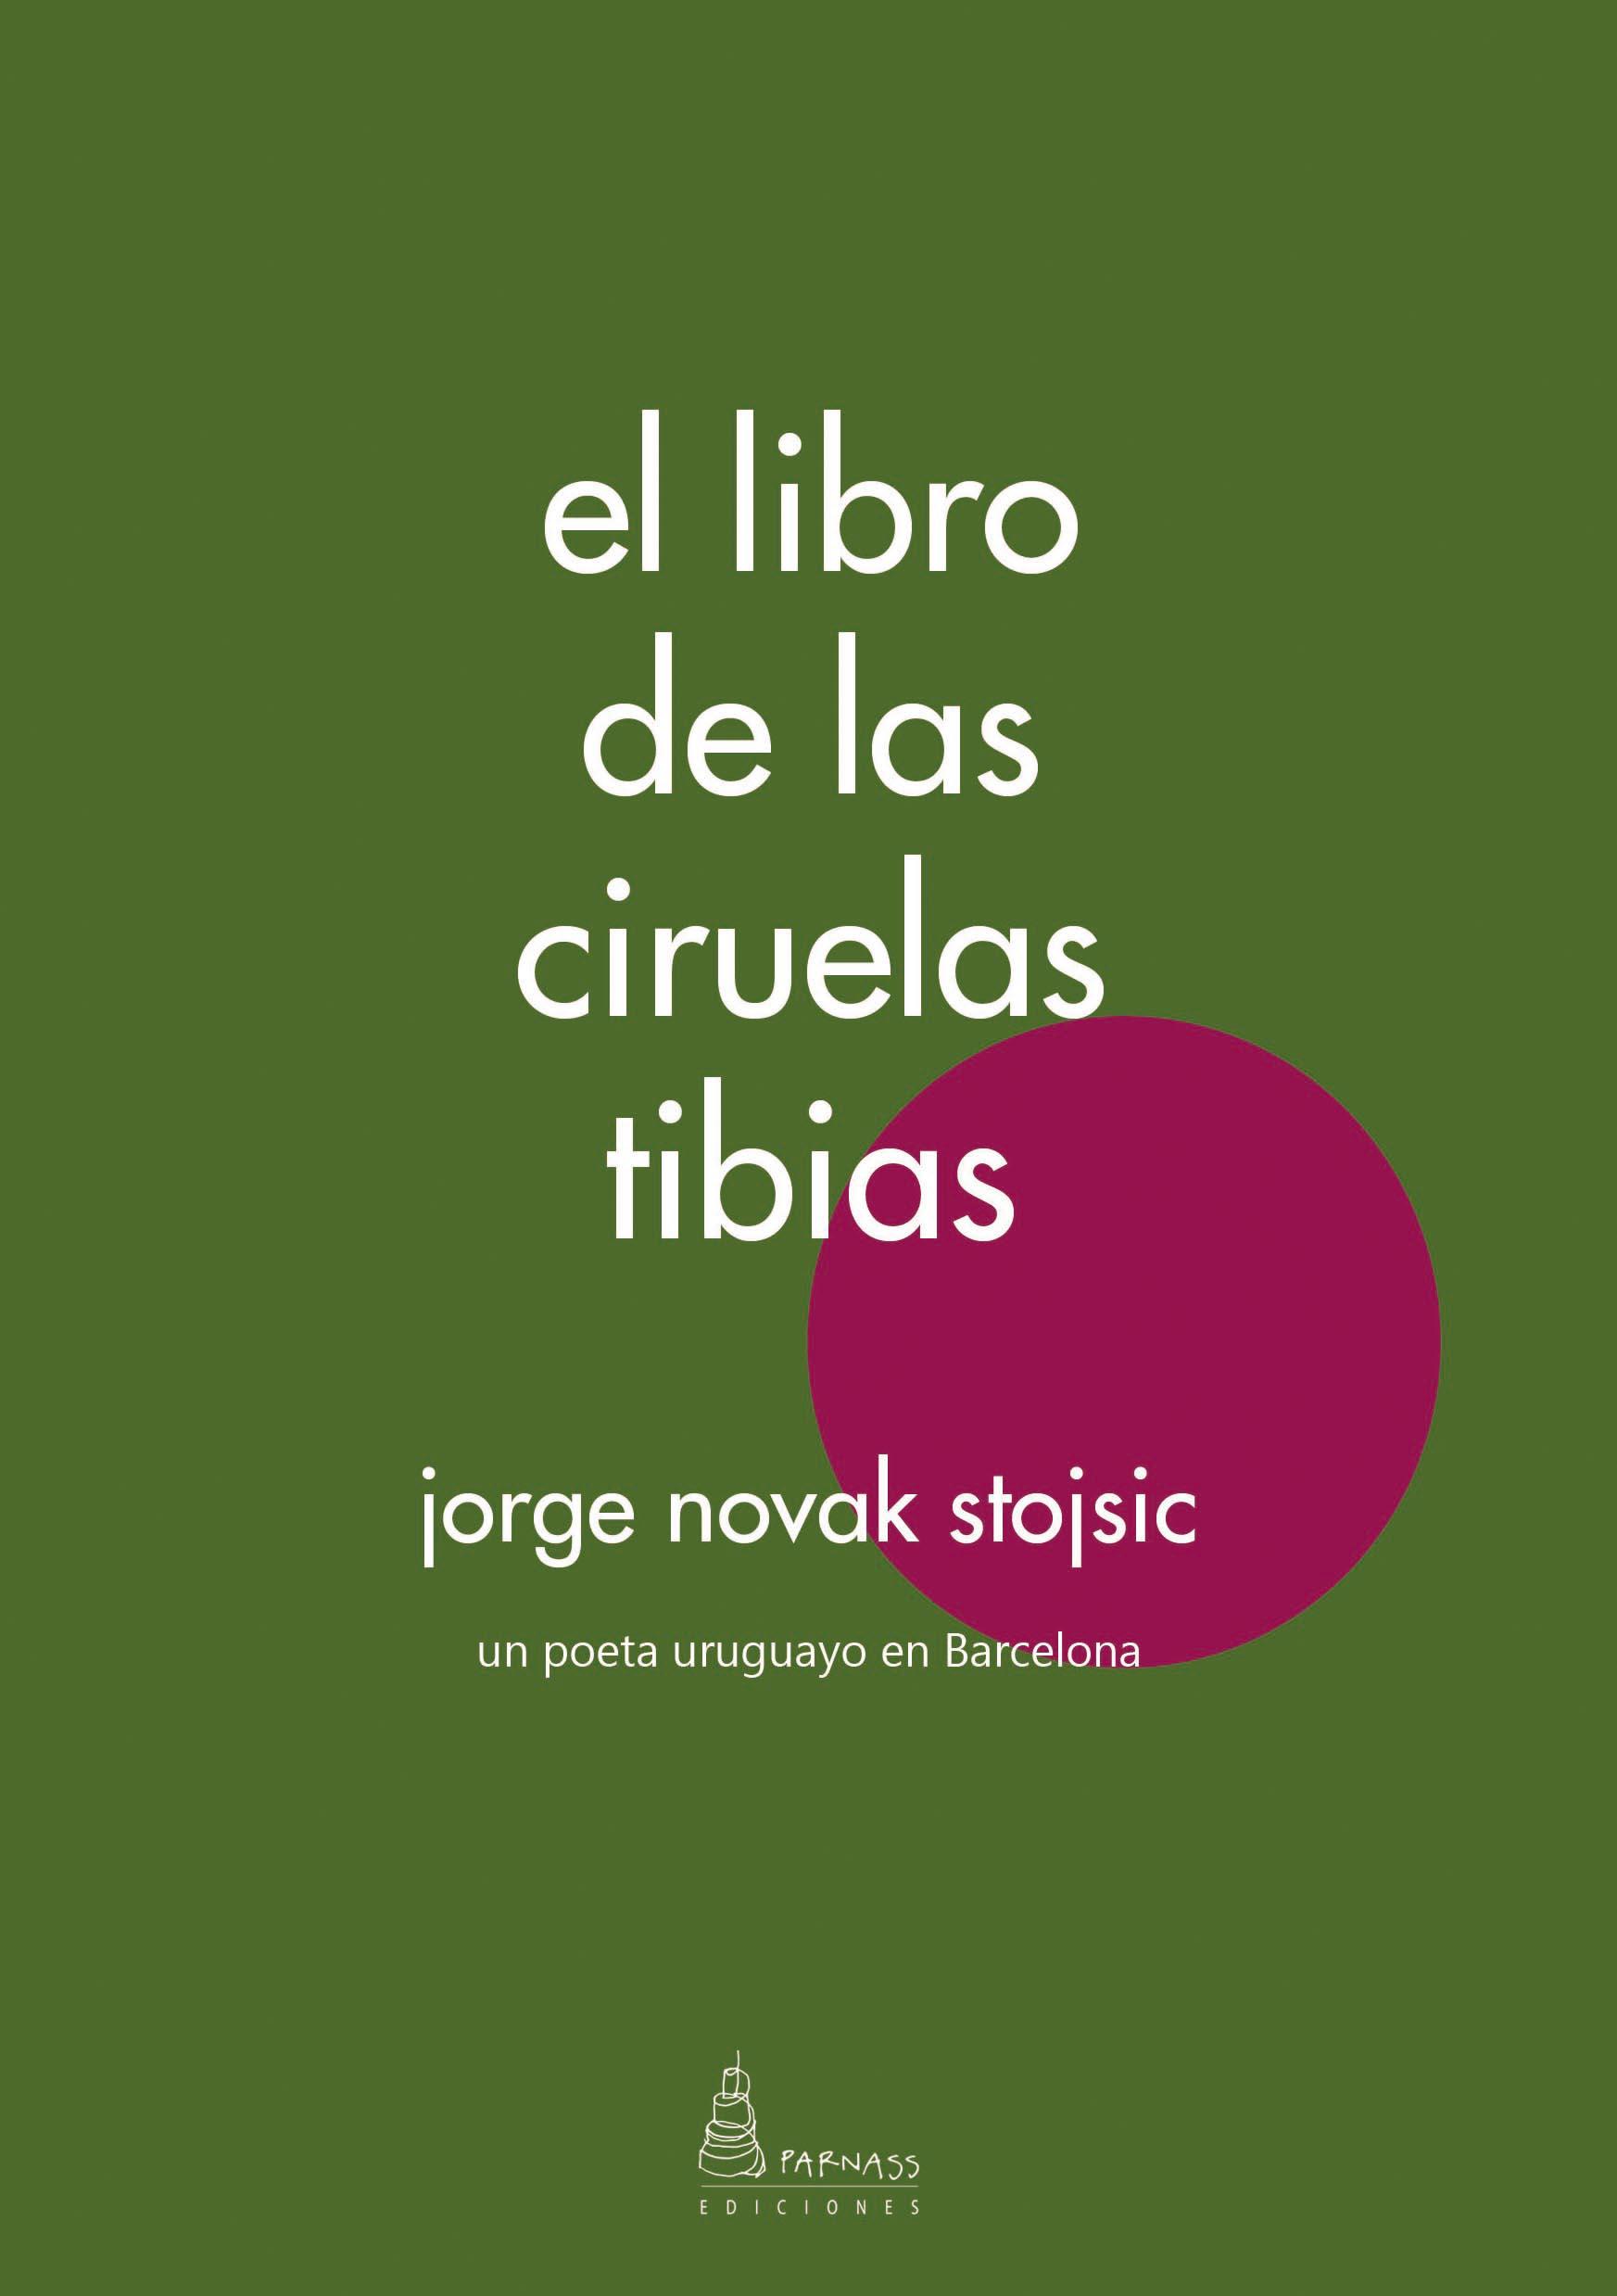 Portada del poemario de Jorge Novak, «el libro de las ciruelas tibias»